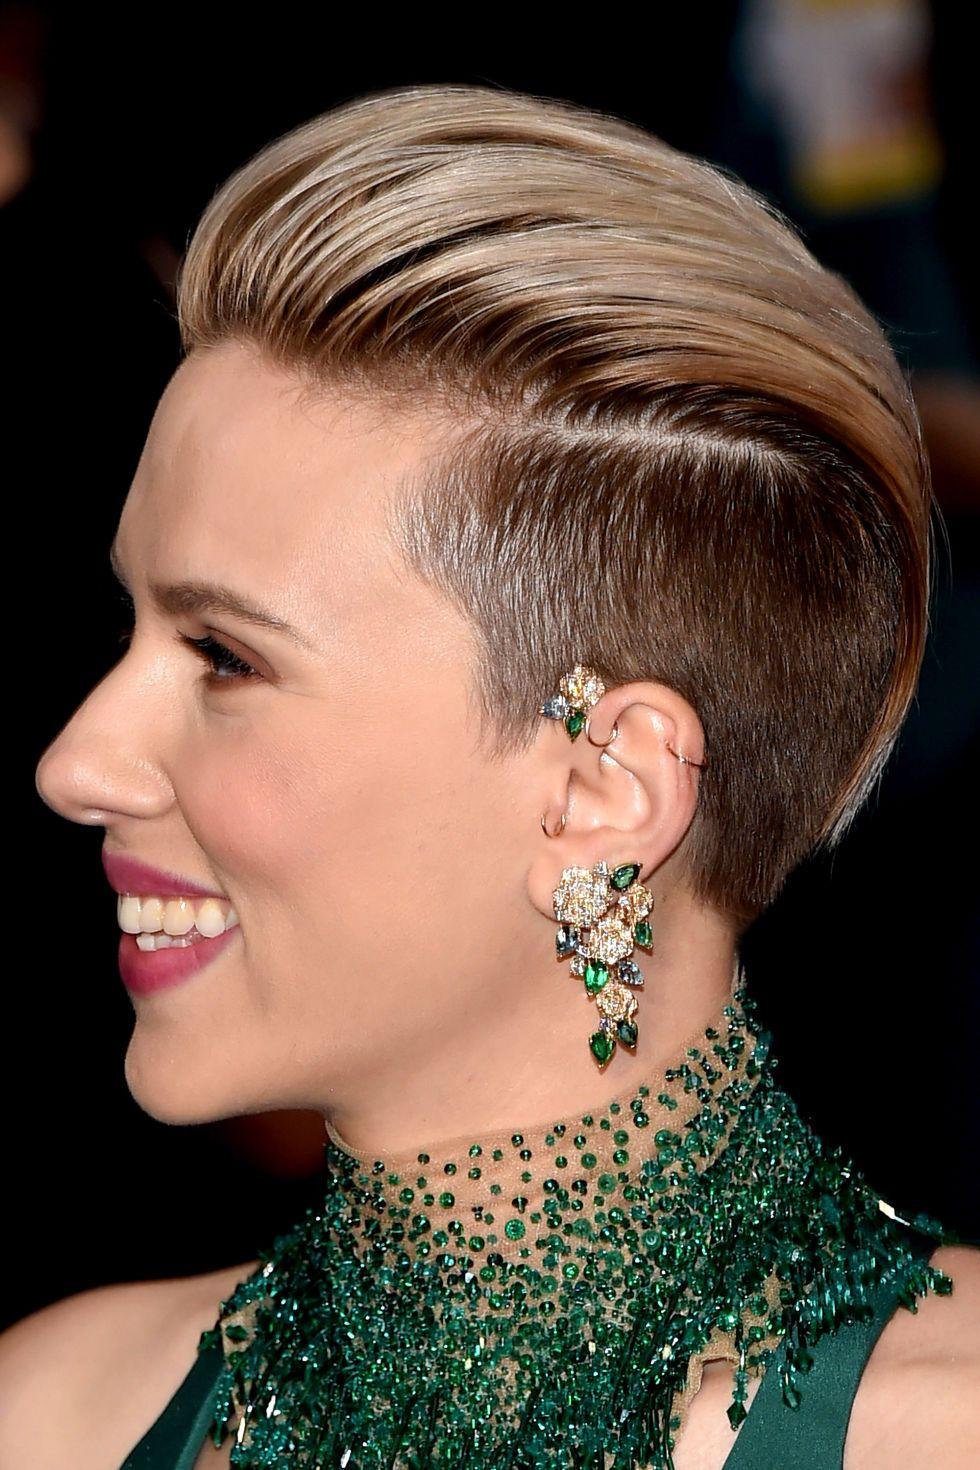 Opt for something a little more daring, like Scarlett Johansson's undercut.